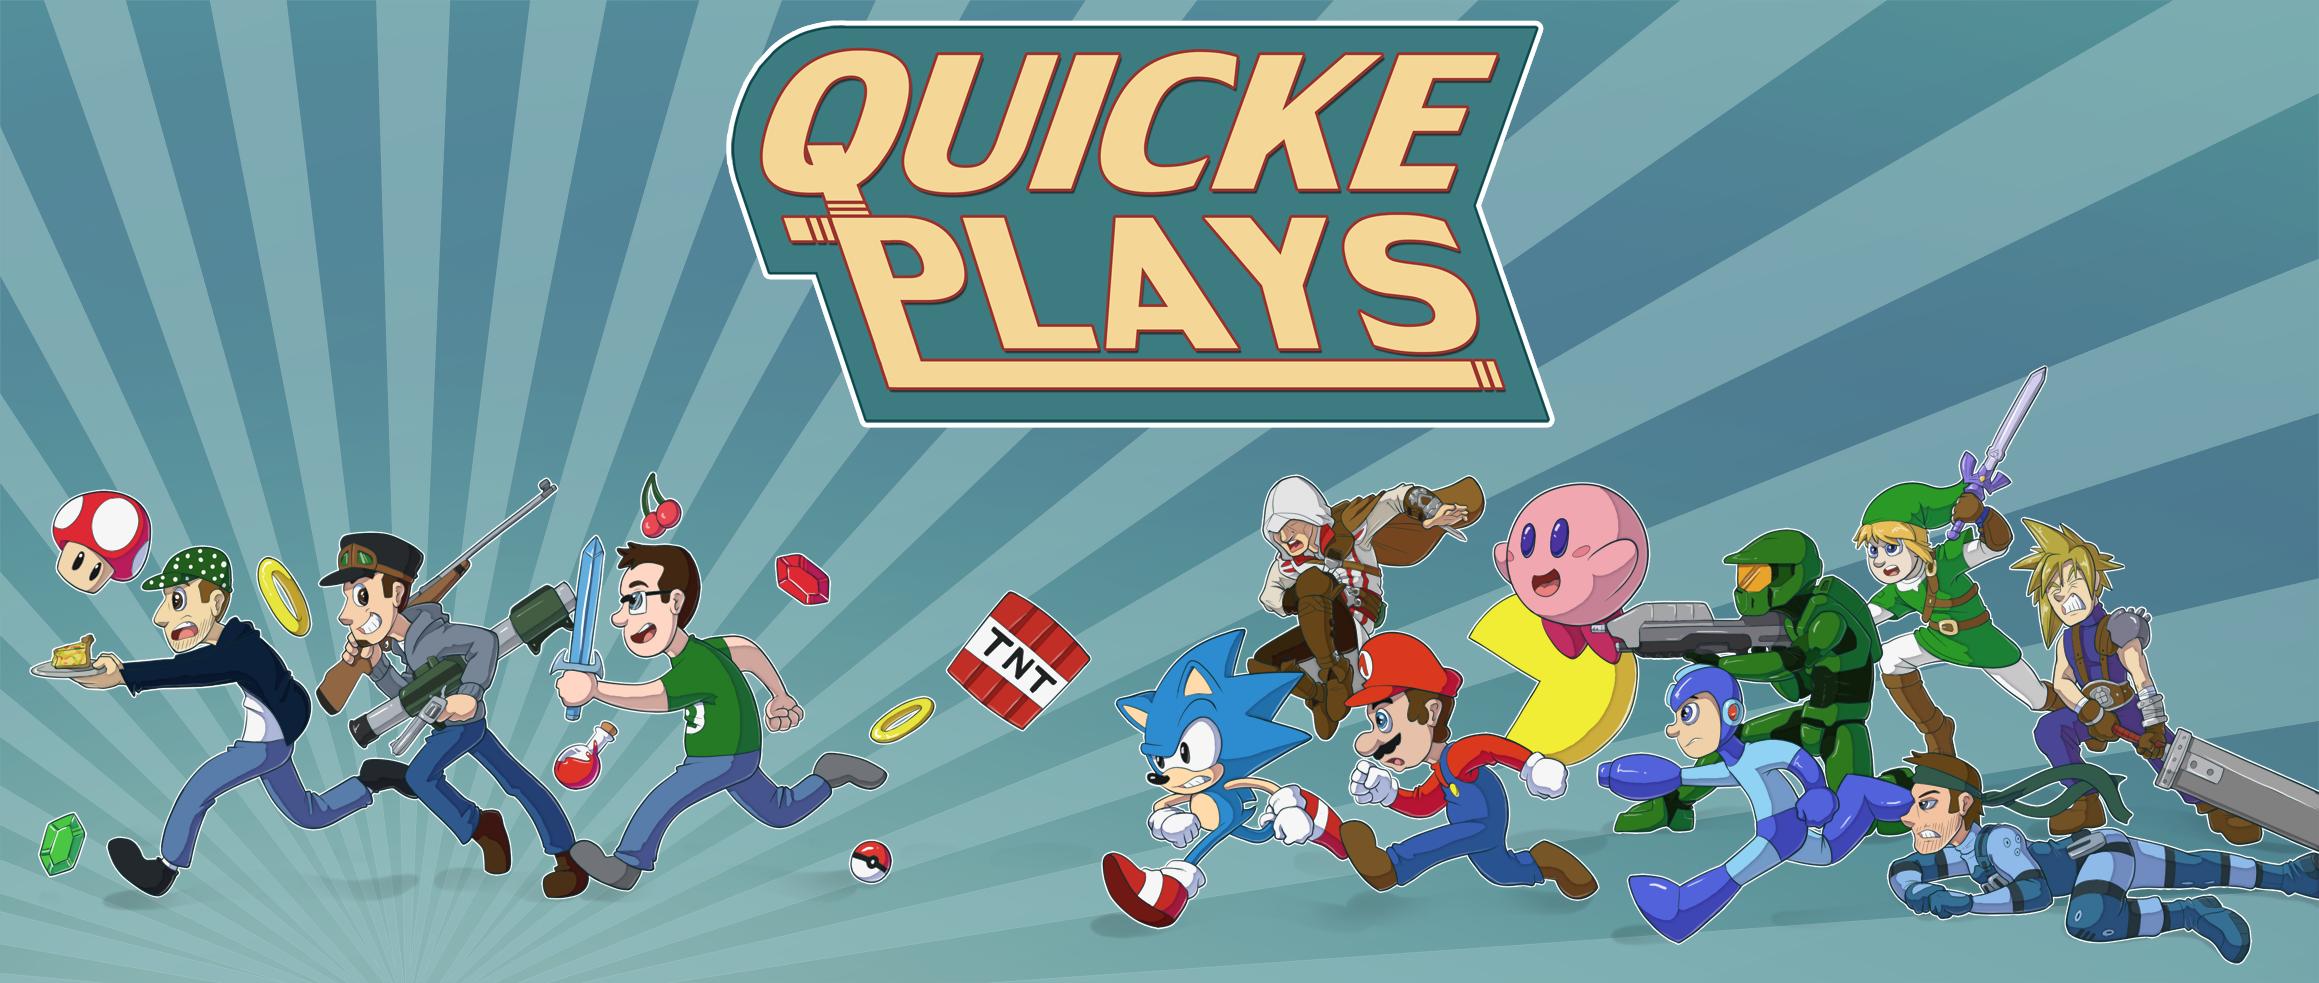 Quicke Plays banner by Sound-Resonance